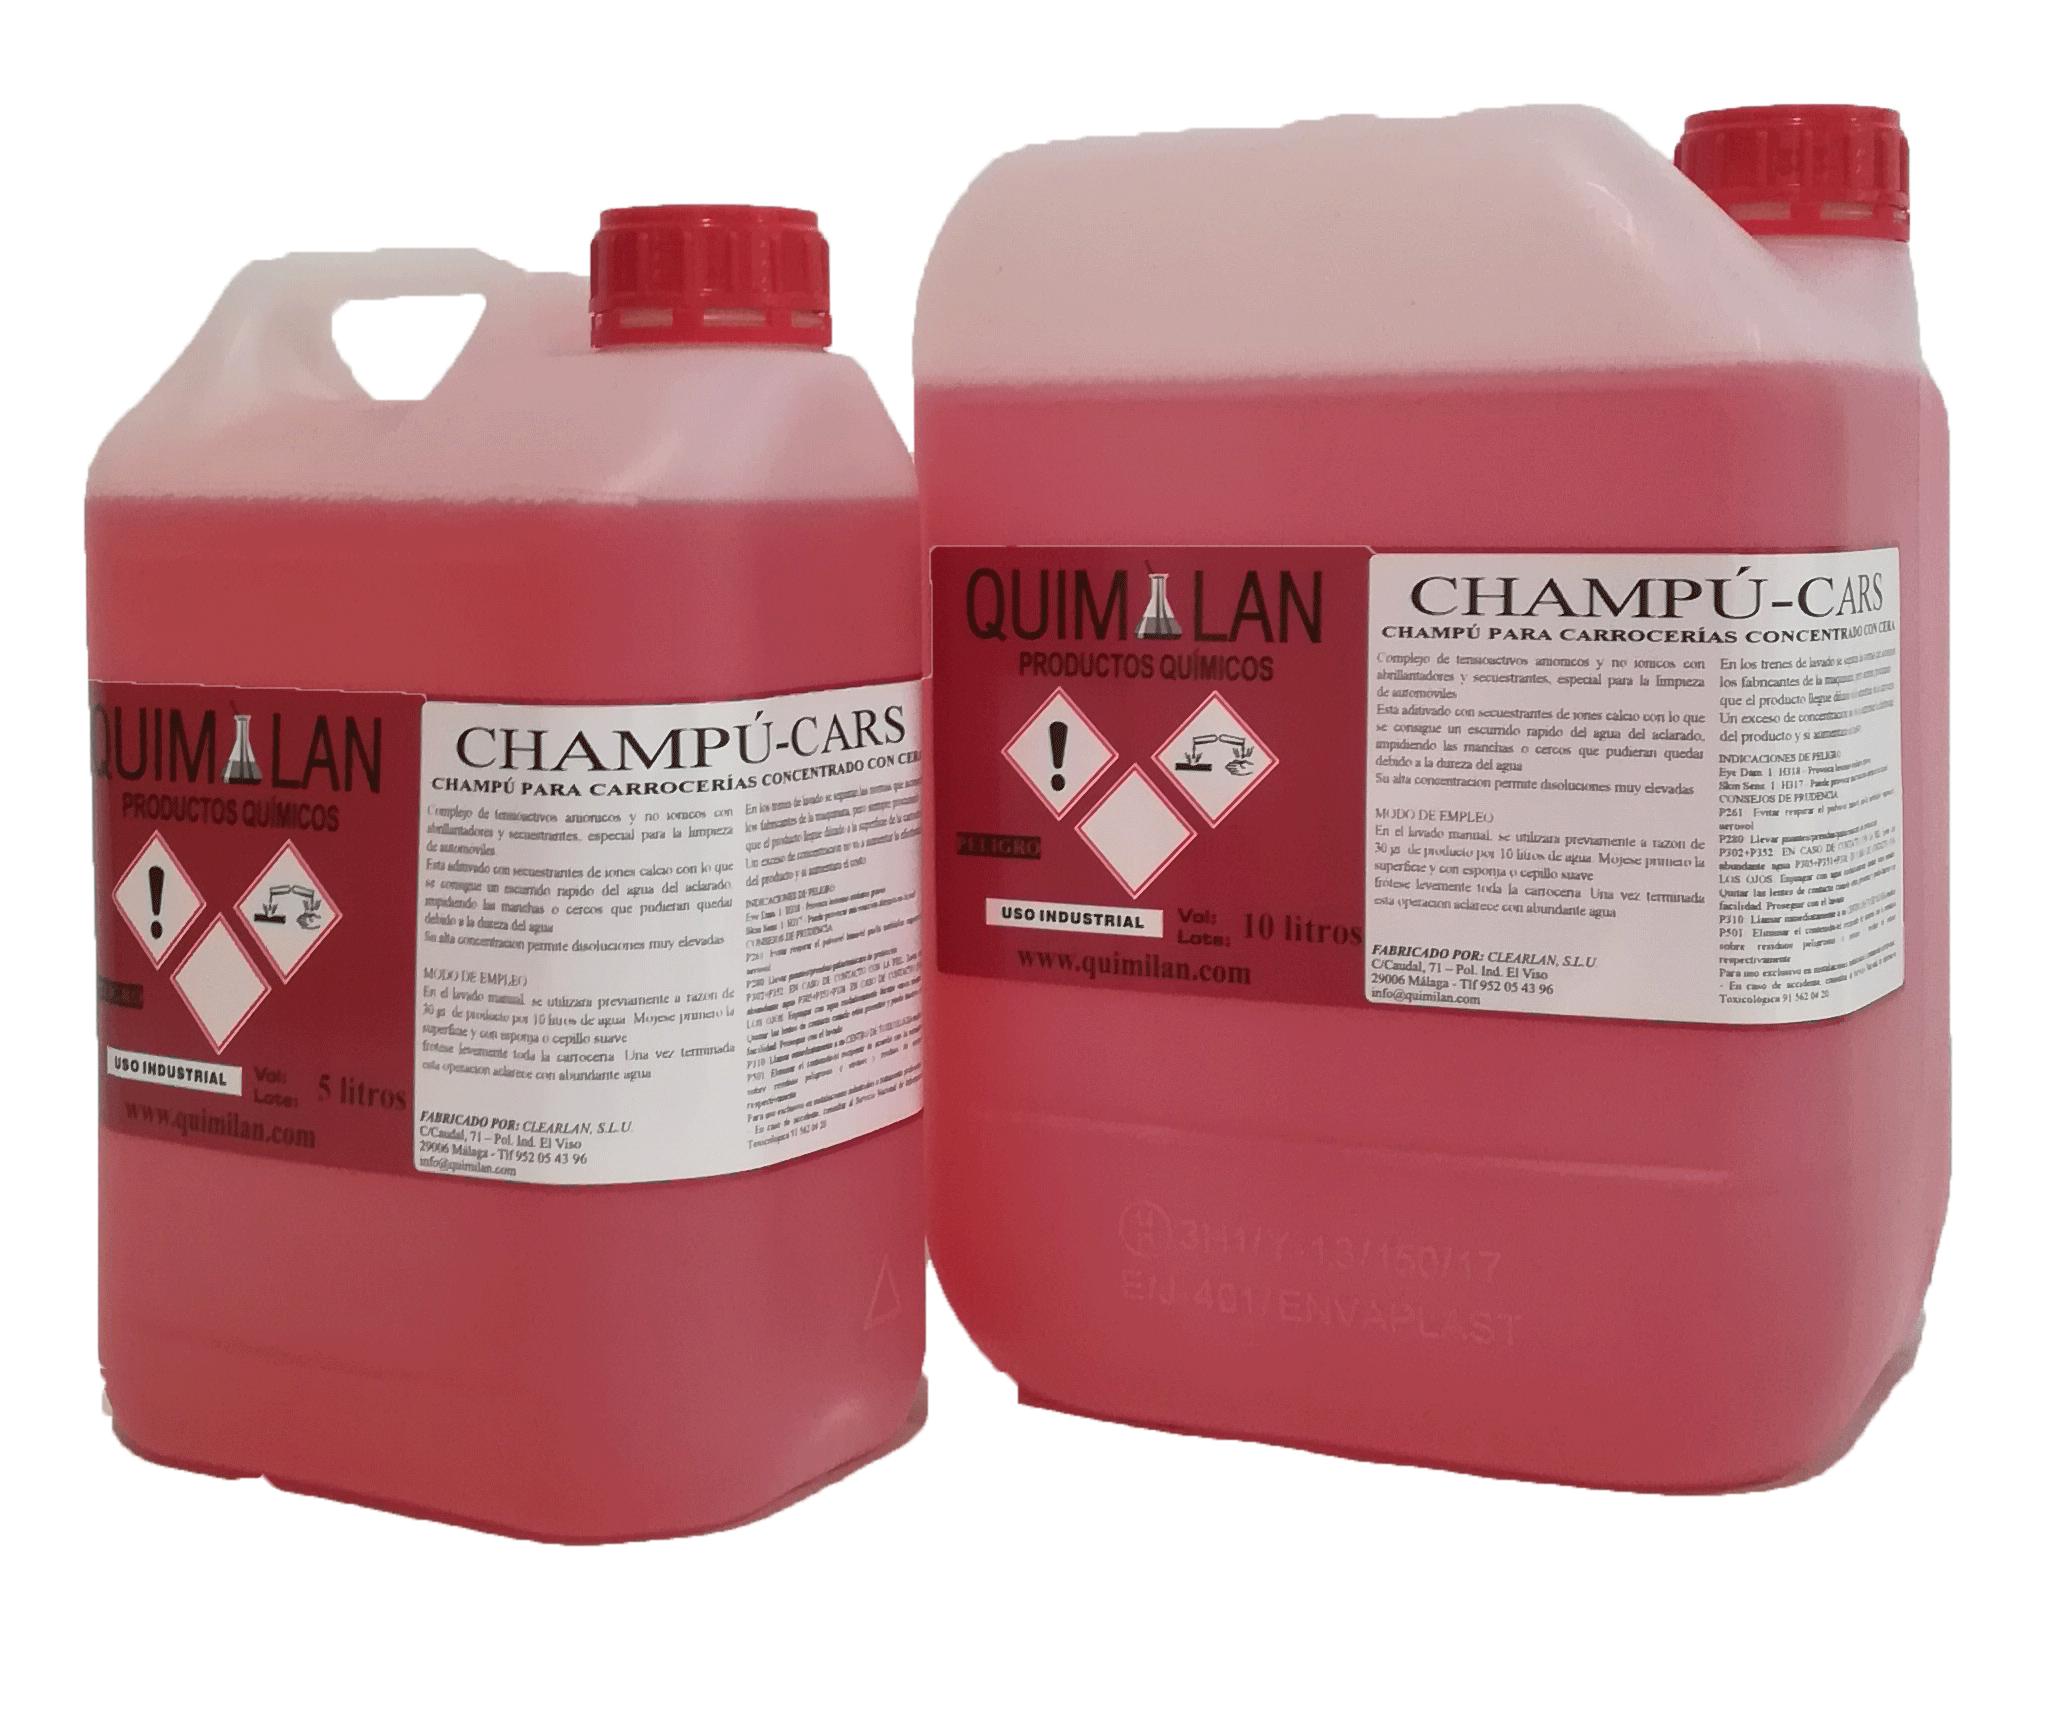 Limpieza Productos Quimicos Quimilan Champucars en Malaga